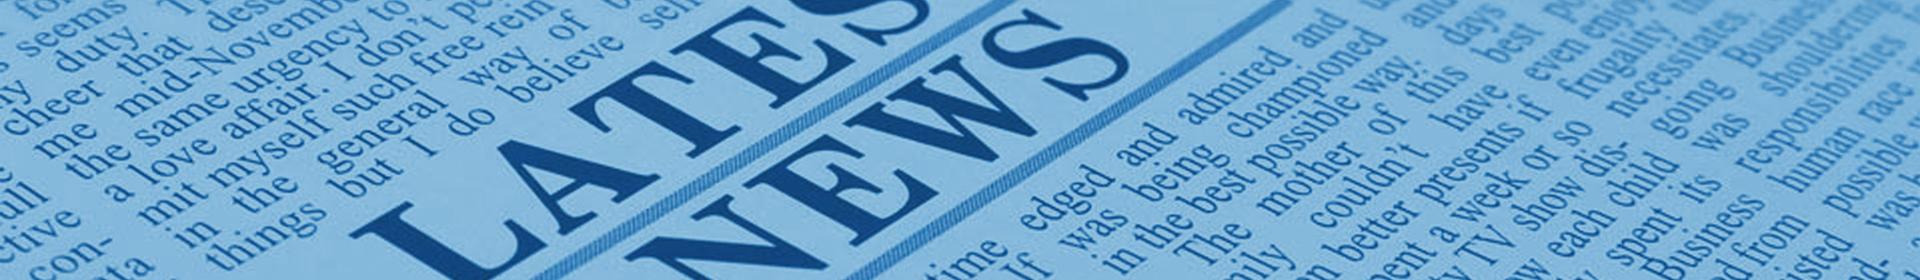 Banner News 1920